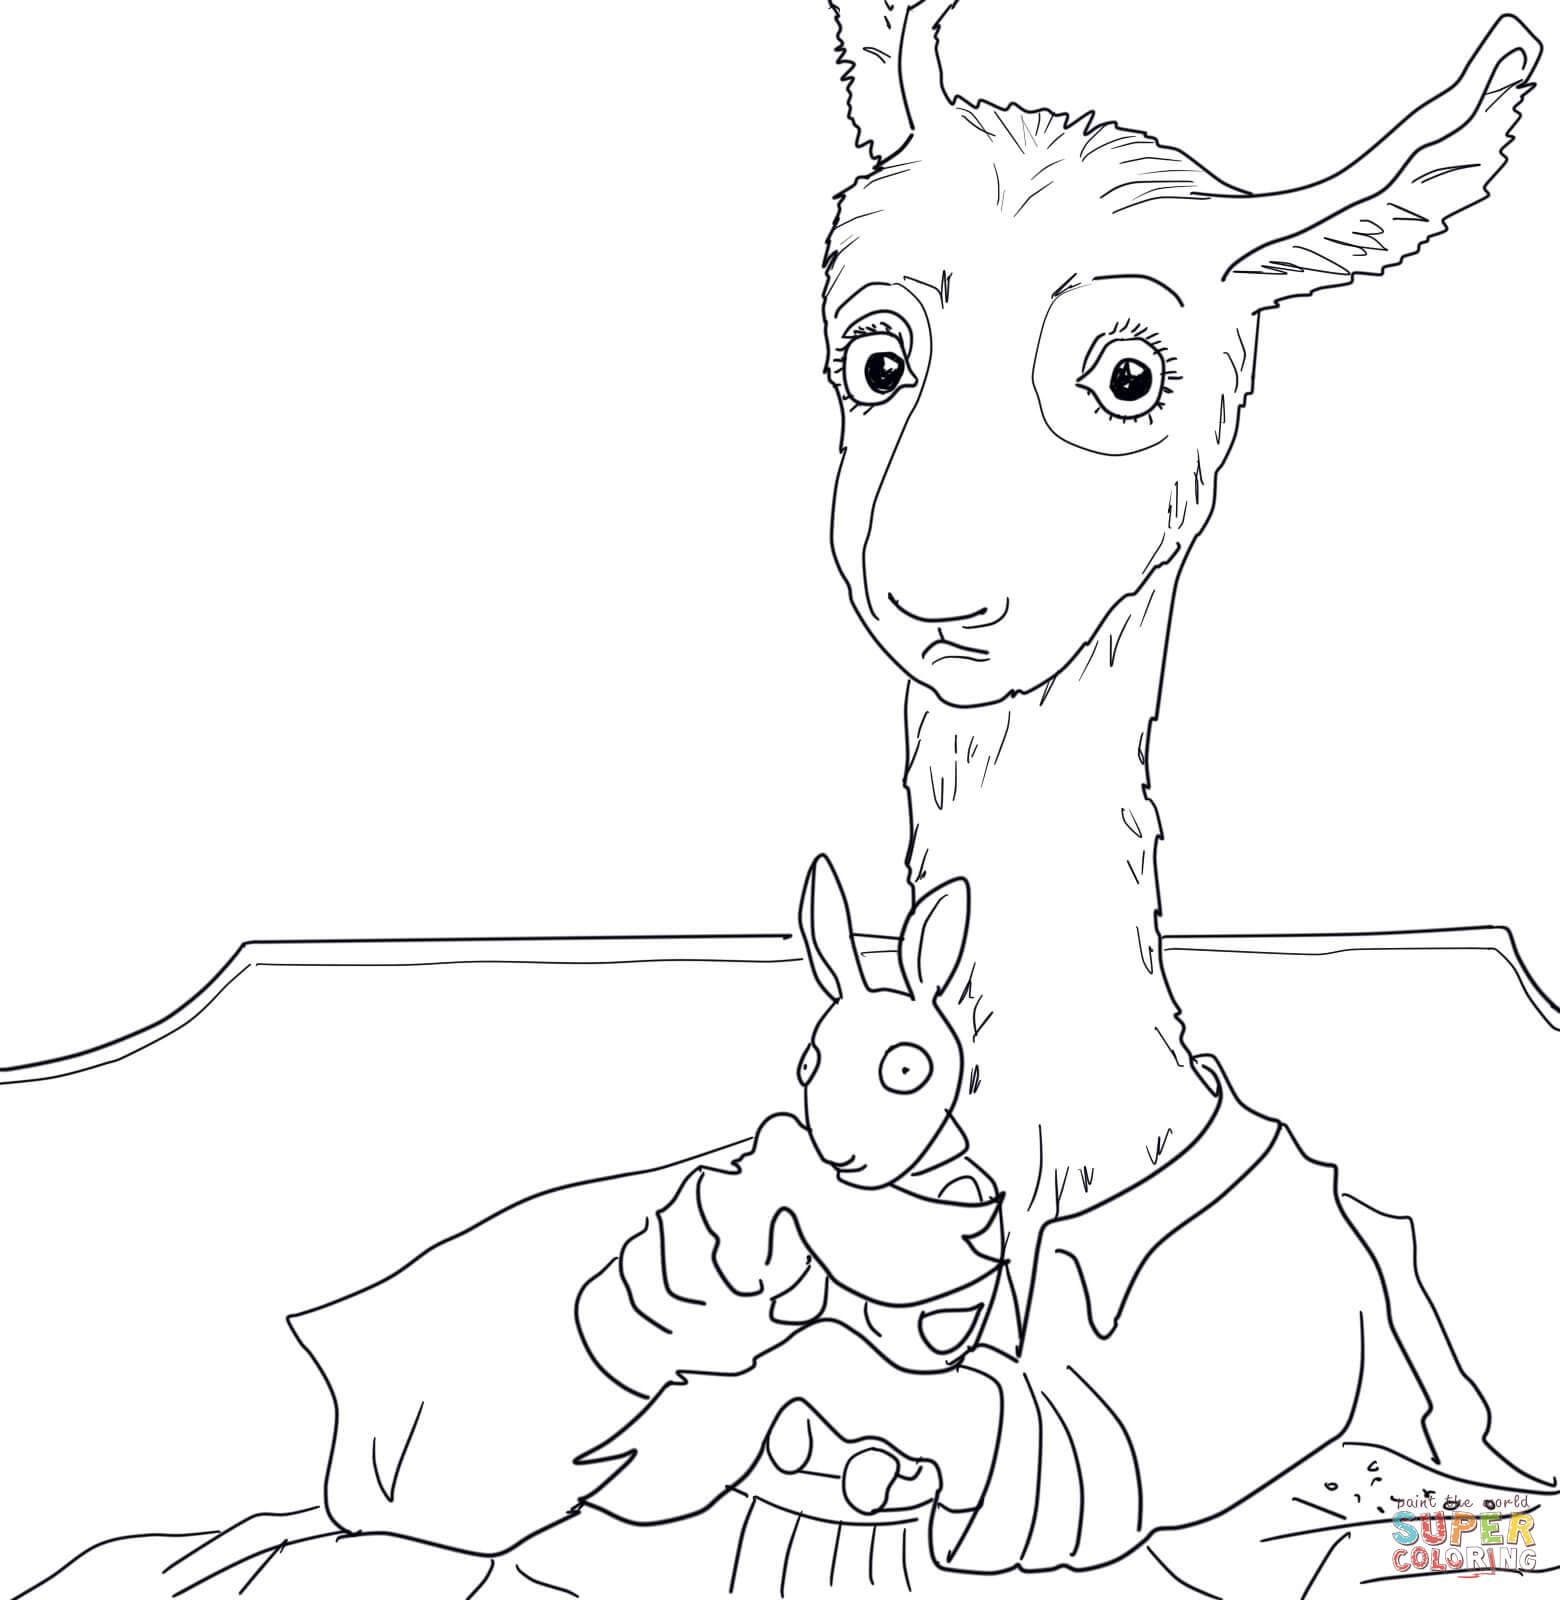 Llama coloring #8, Download drawings